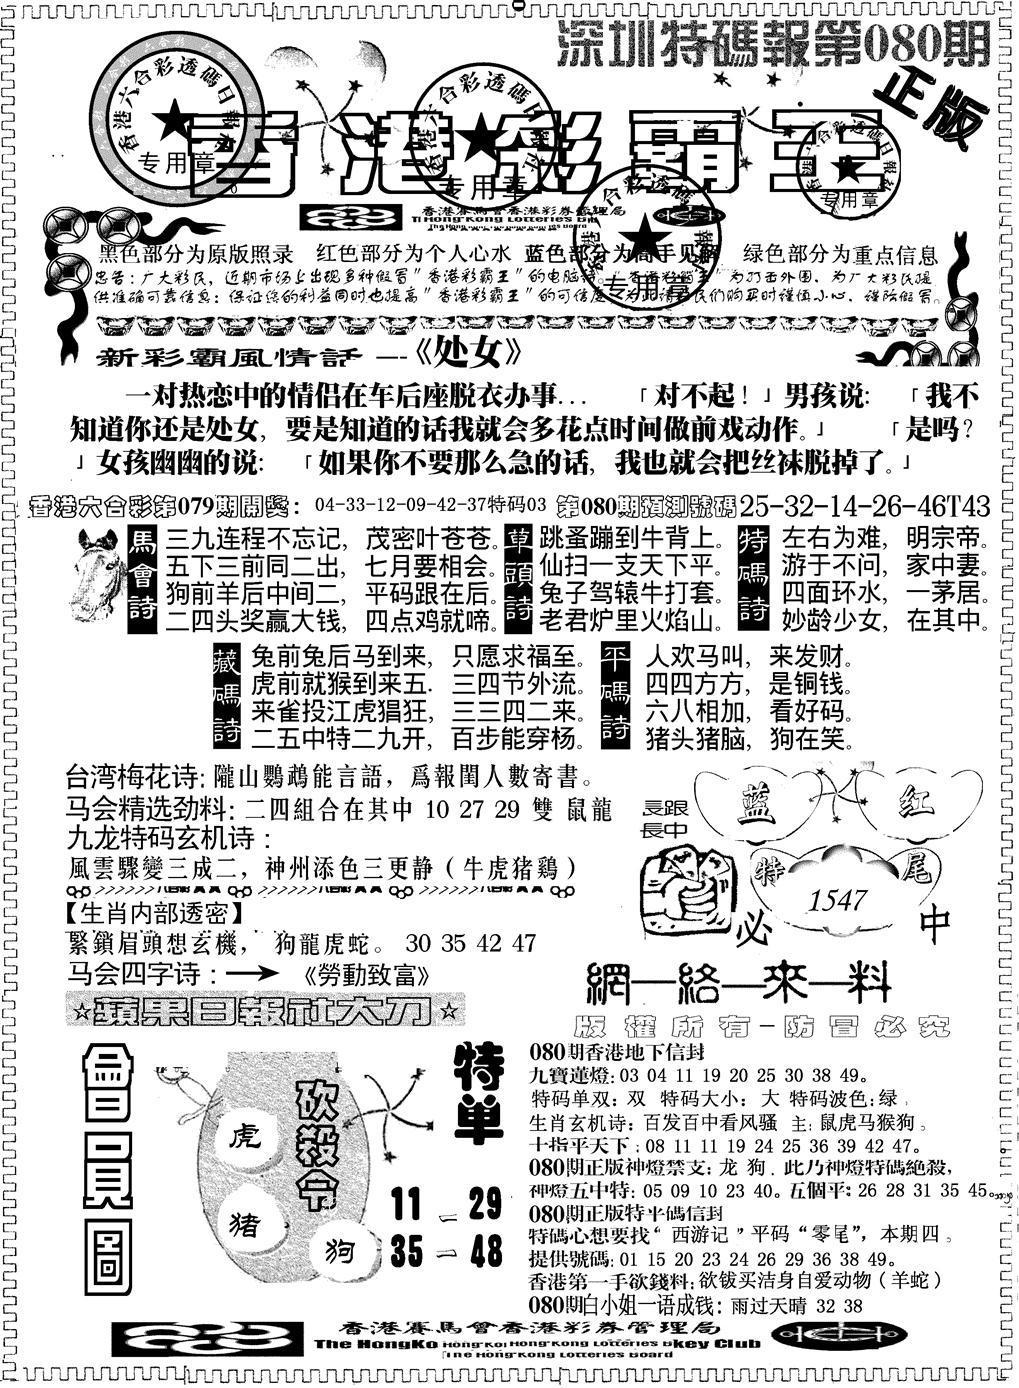 080期另版新版彩霸王A(黑白)